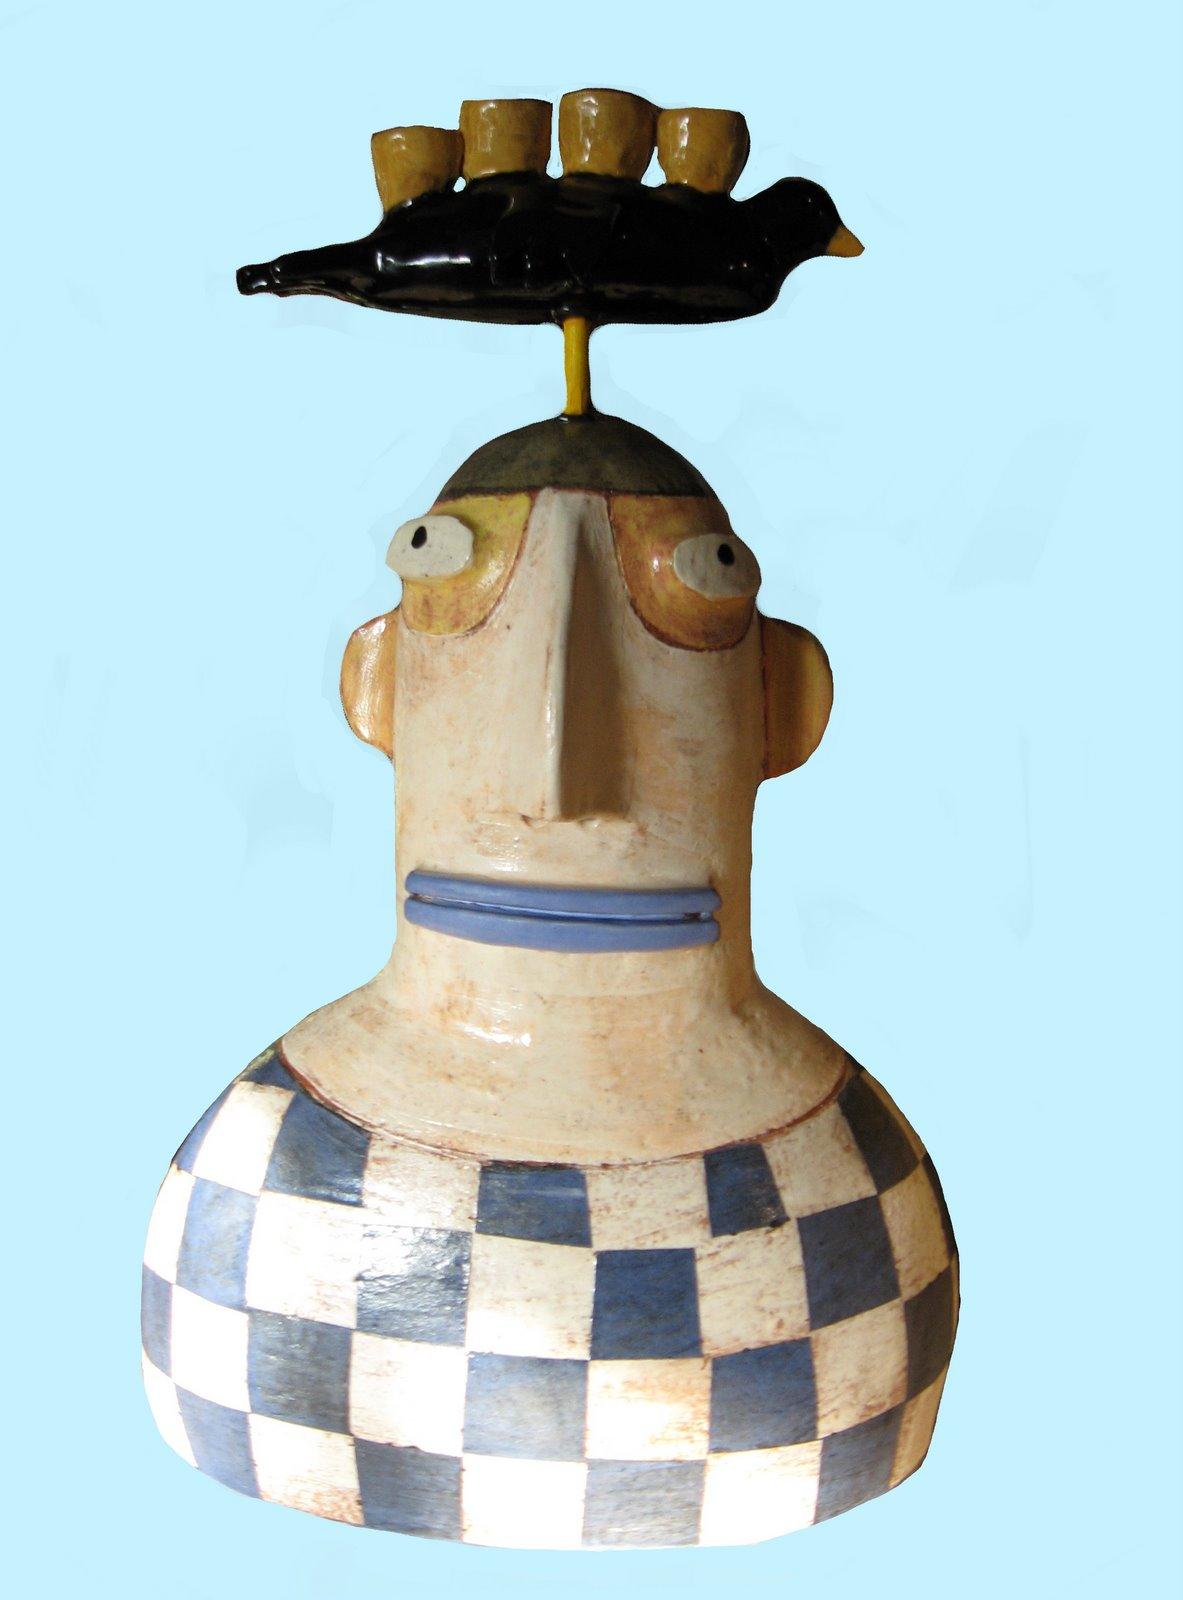 [checkered+man+bird+candle]